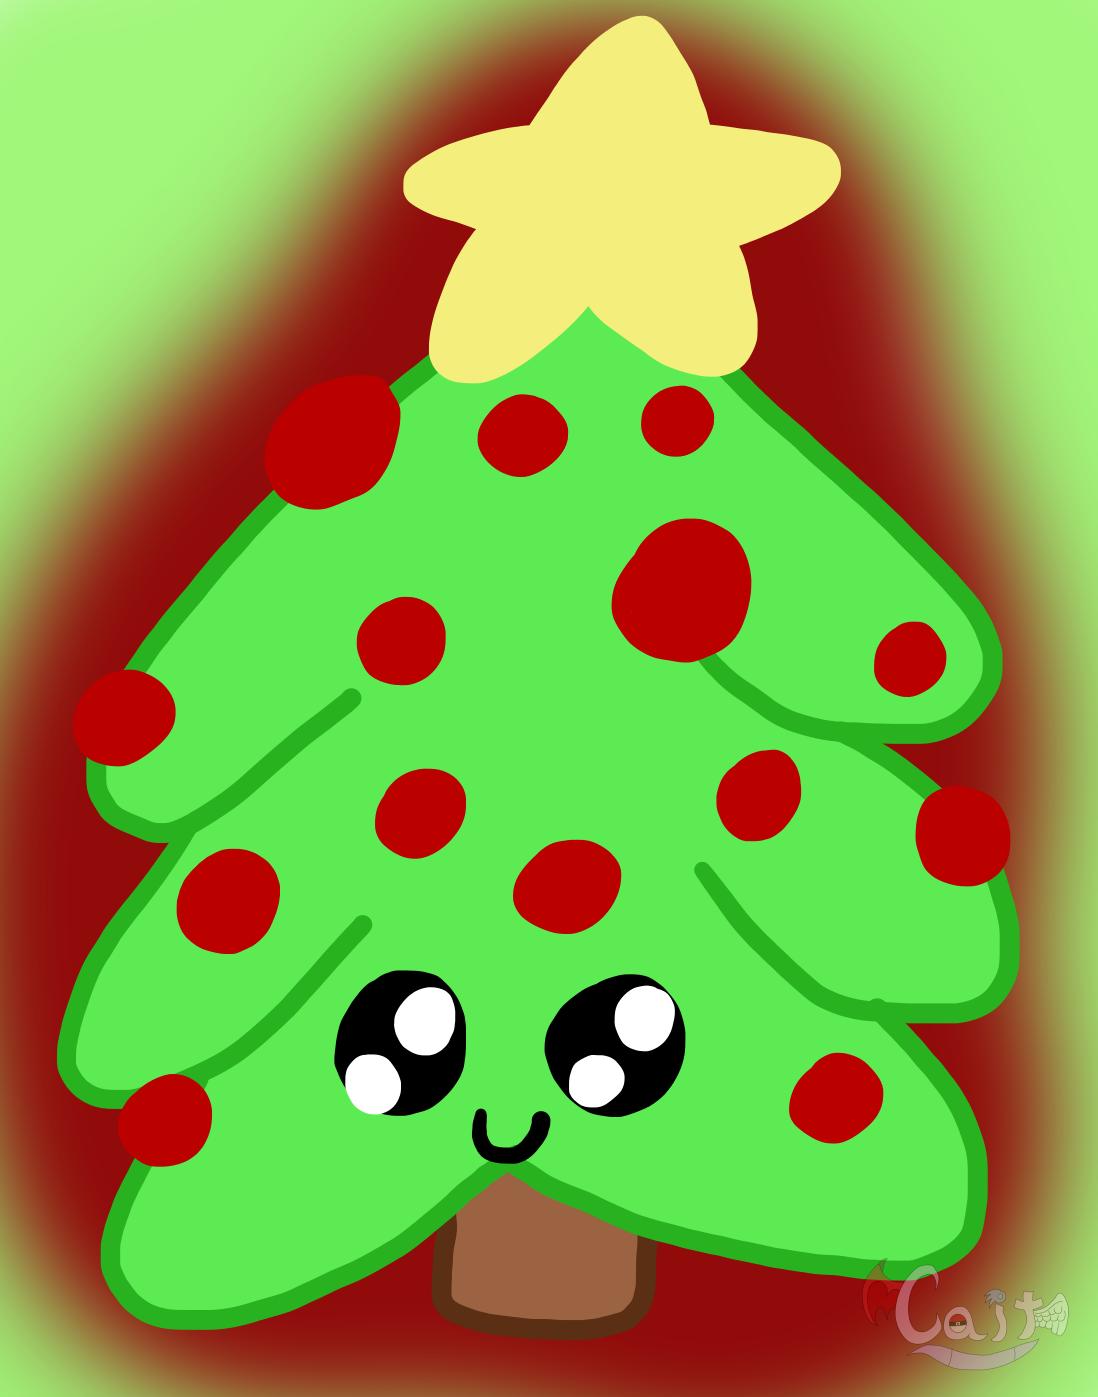 Kawaii Christmas.Kawaii Christmas Tree Weasyl